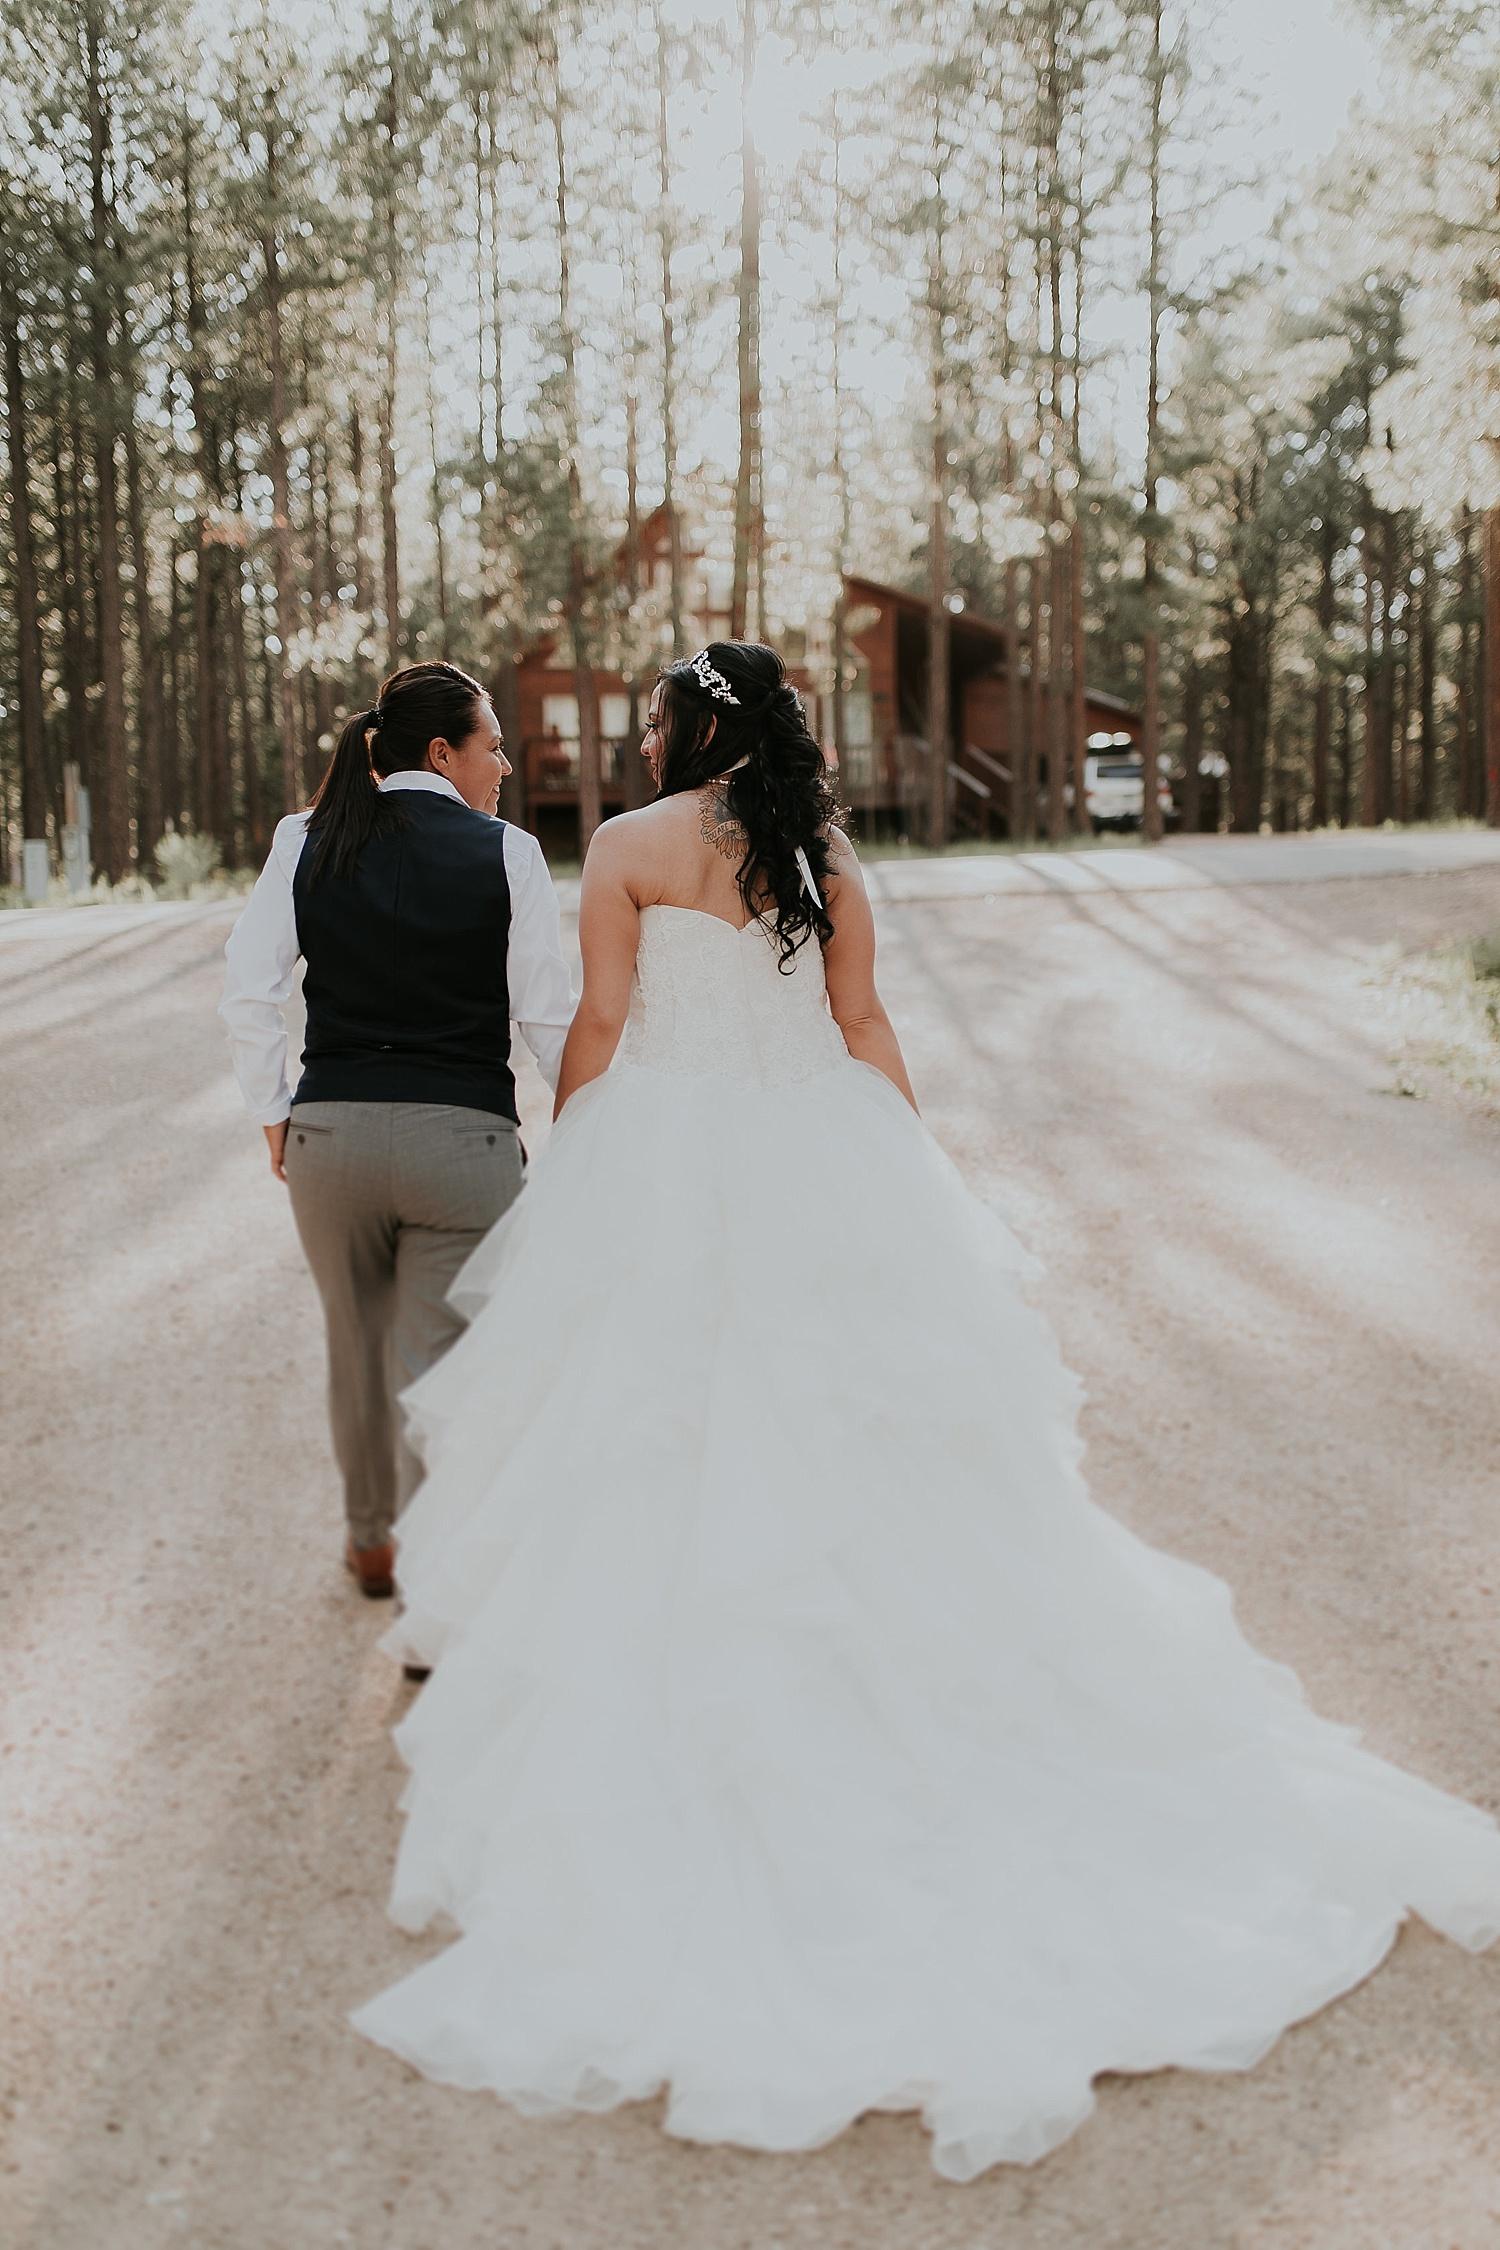 Alicia+lucia+photography+-+albuquerque+wedding+photographer+-+santa+fe+wedding+photography+-+new+mexico+wedding+photographer+-+angel+fire+wedding_0052.jpg